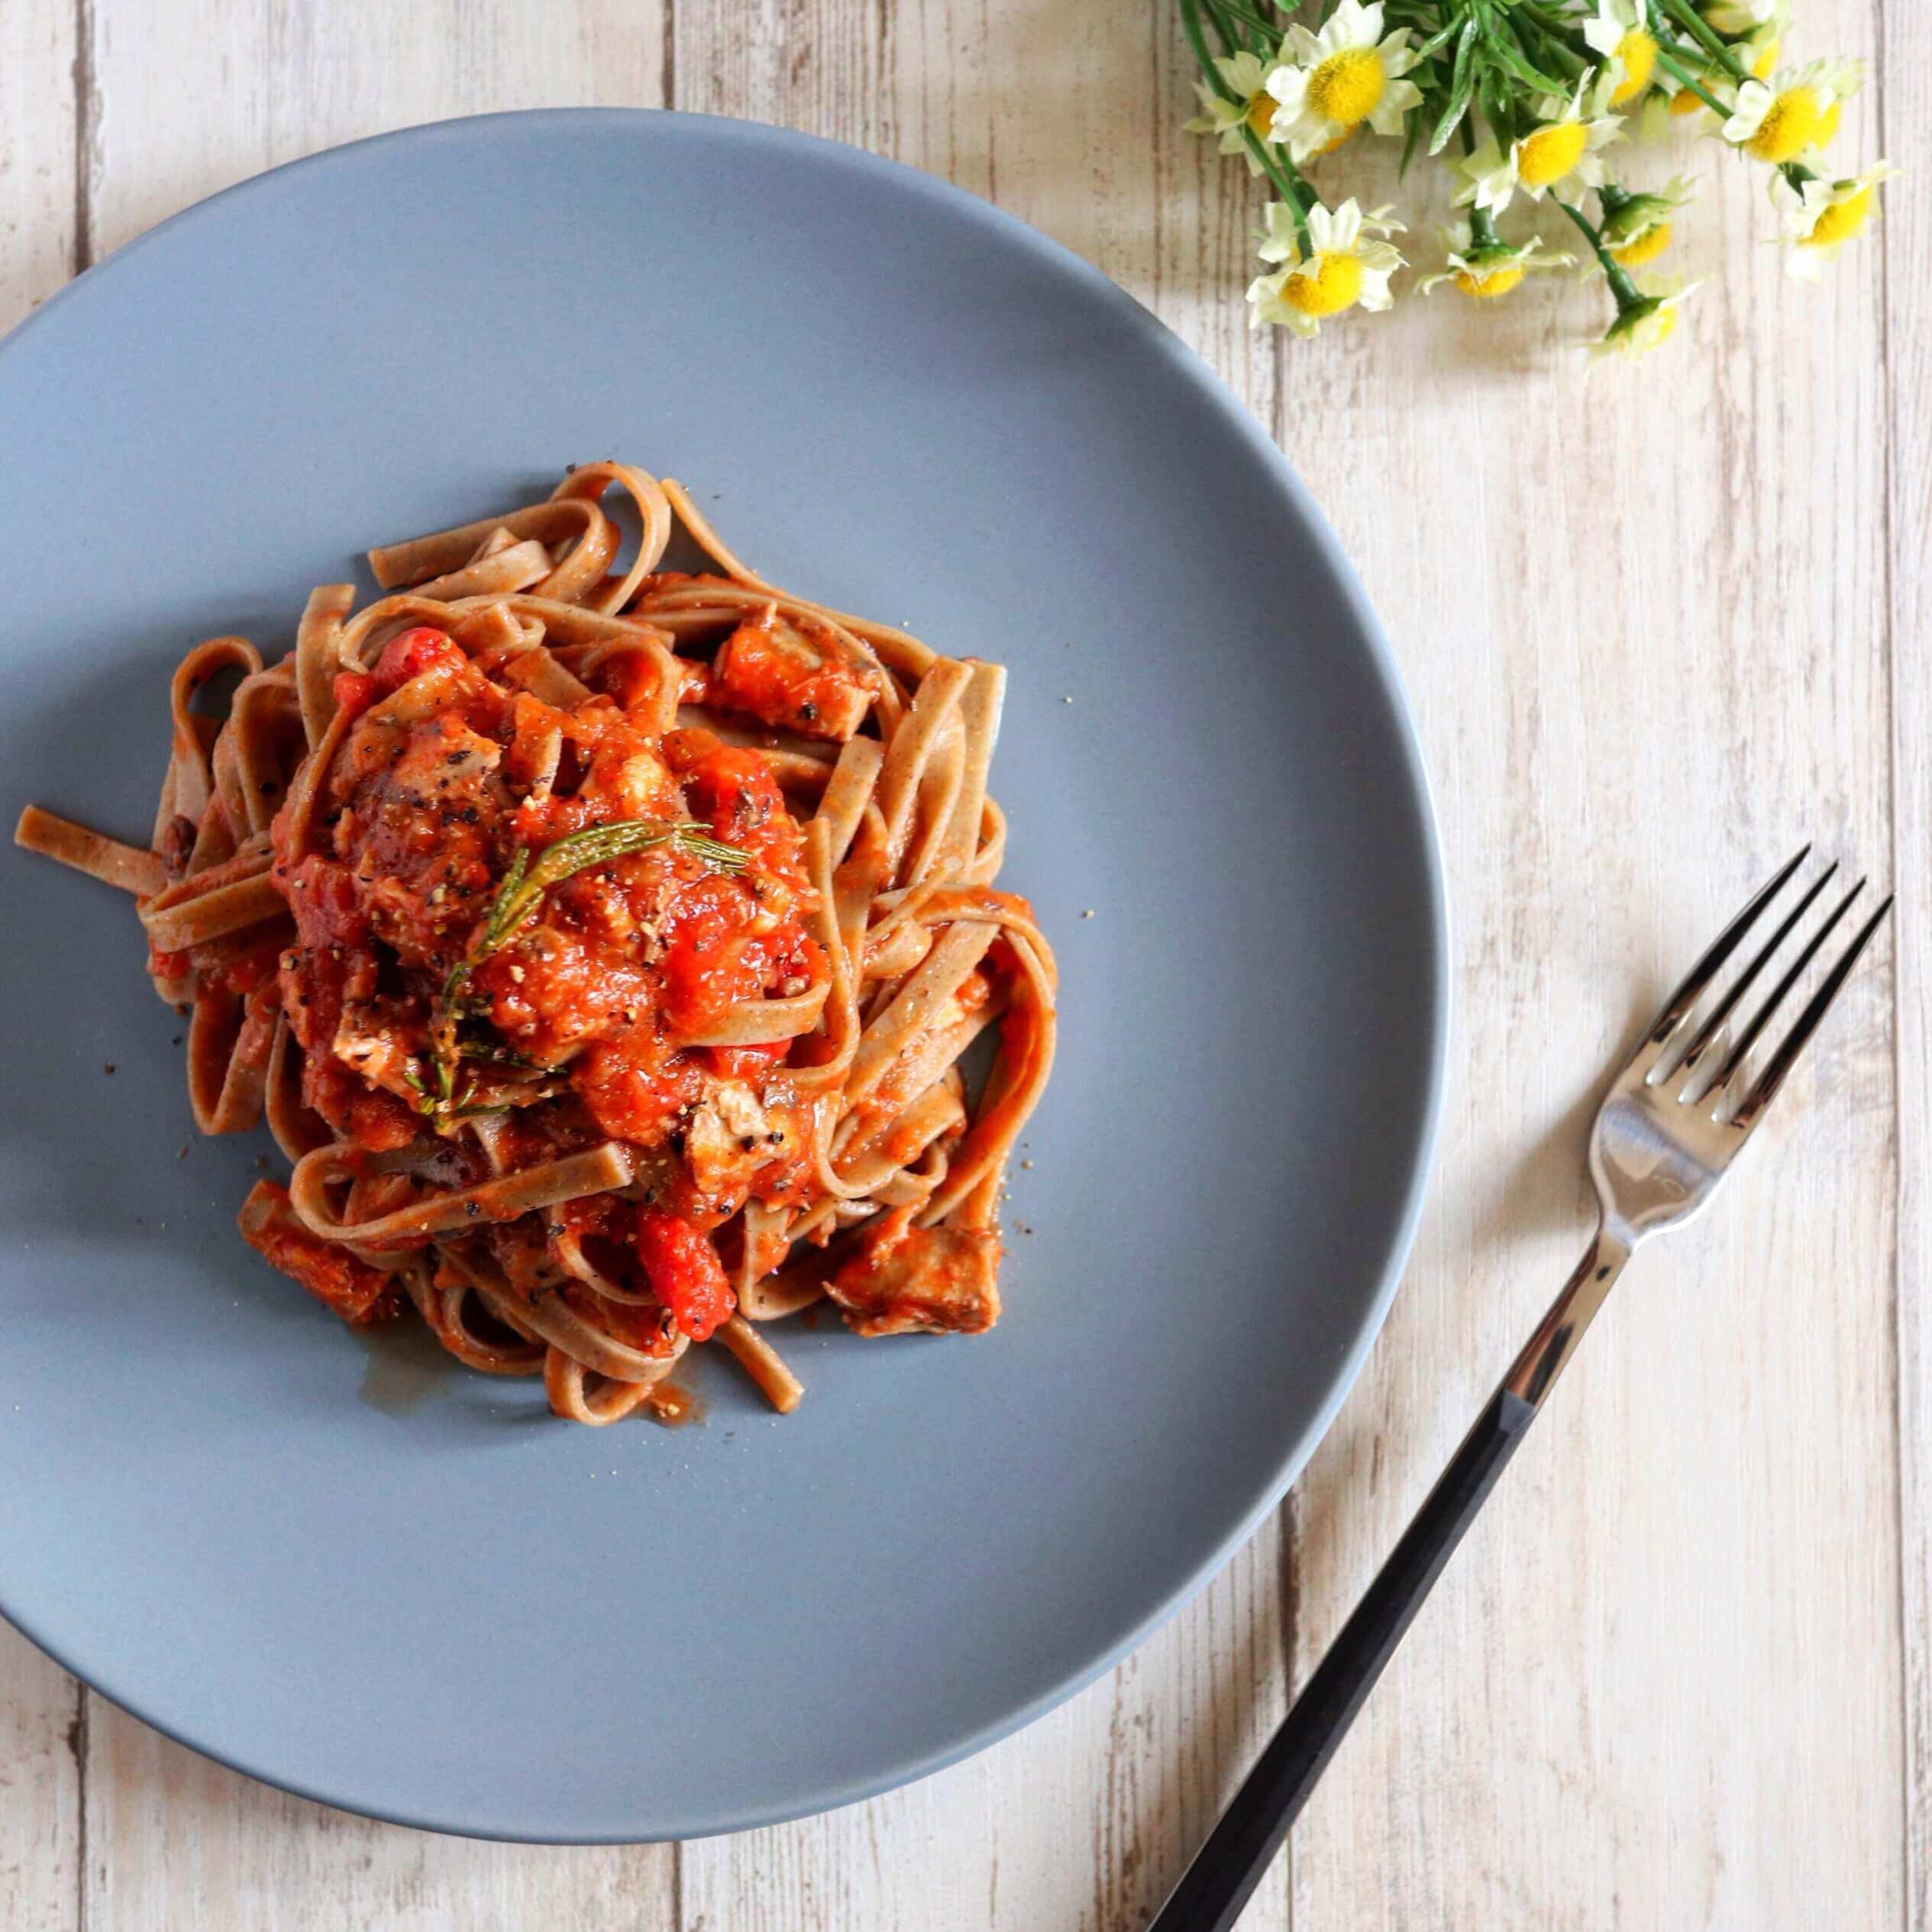 【絶品!】鯖とローズマリーのトマトパスタのレシピ